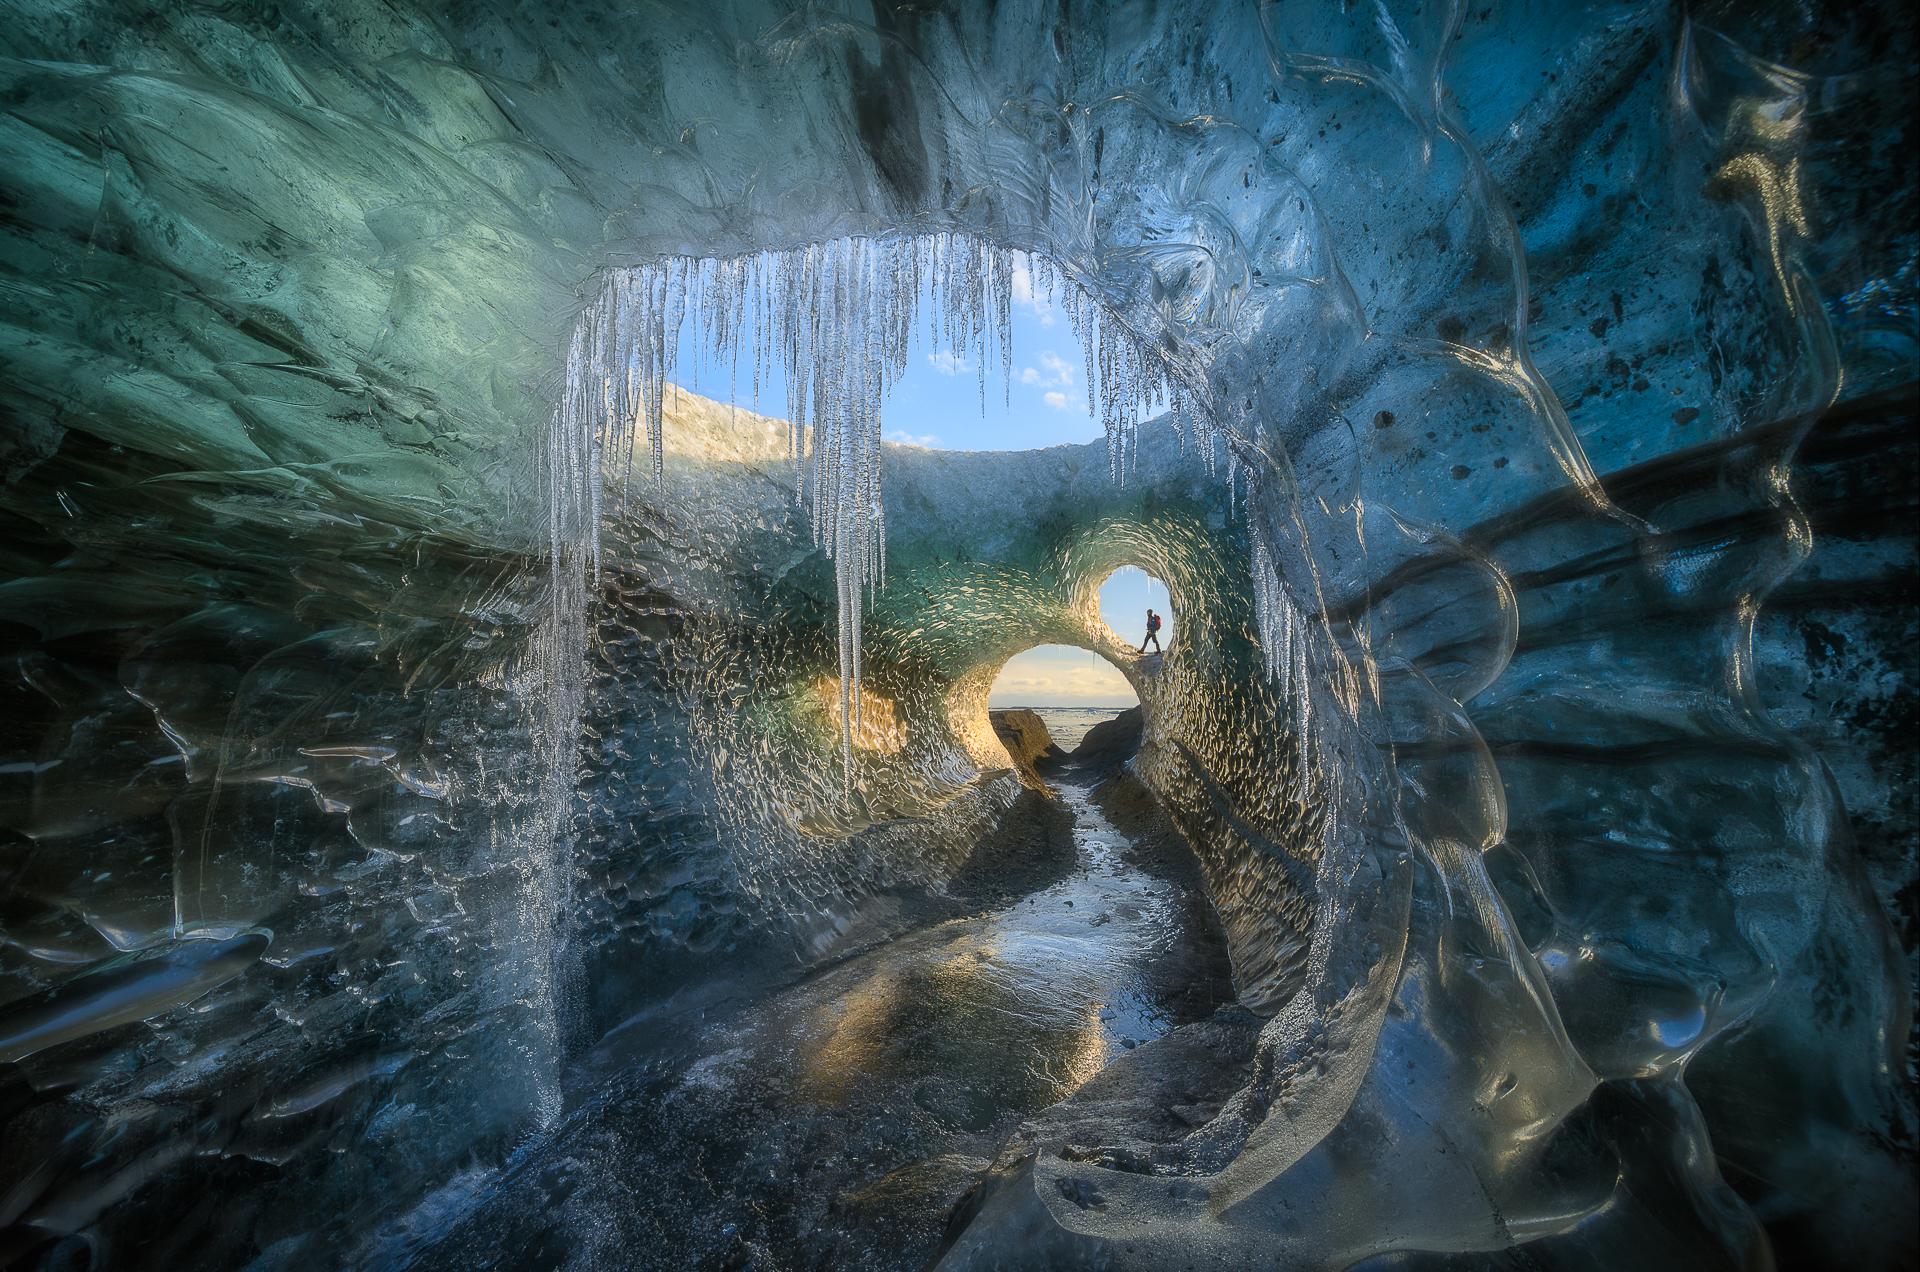 Eiszapfen in einer echten Eishöhle im Vatnajökull-Nationalpark.